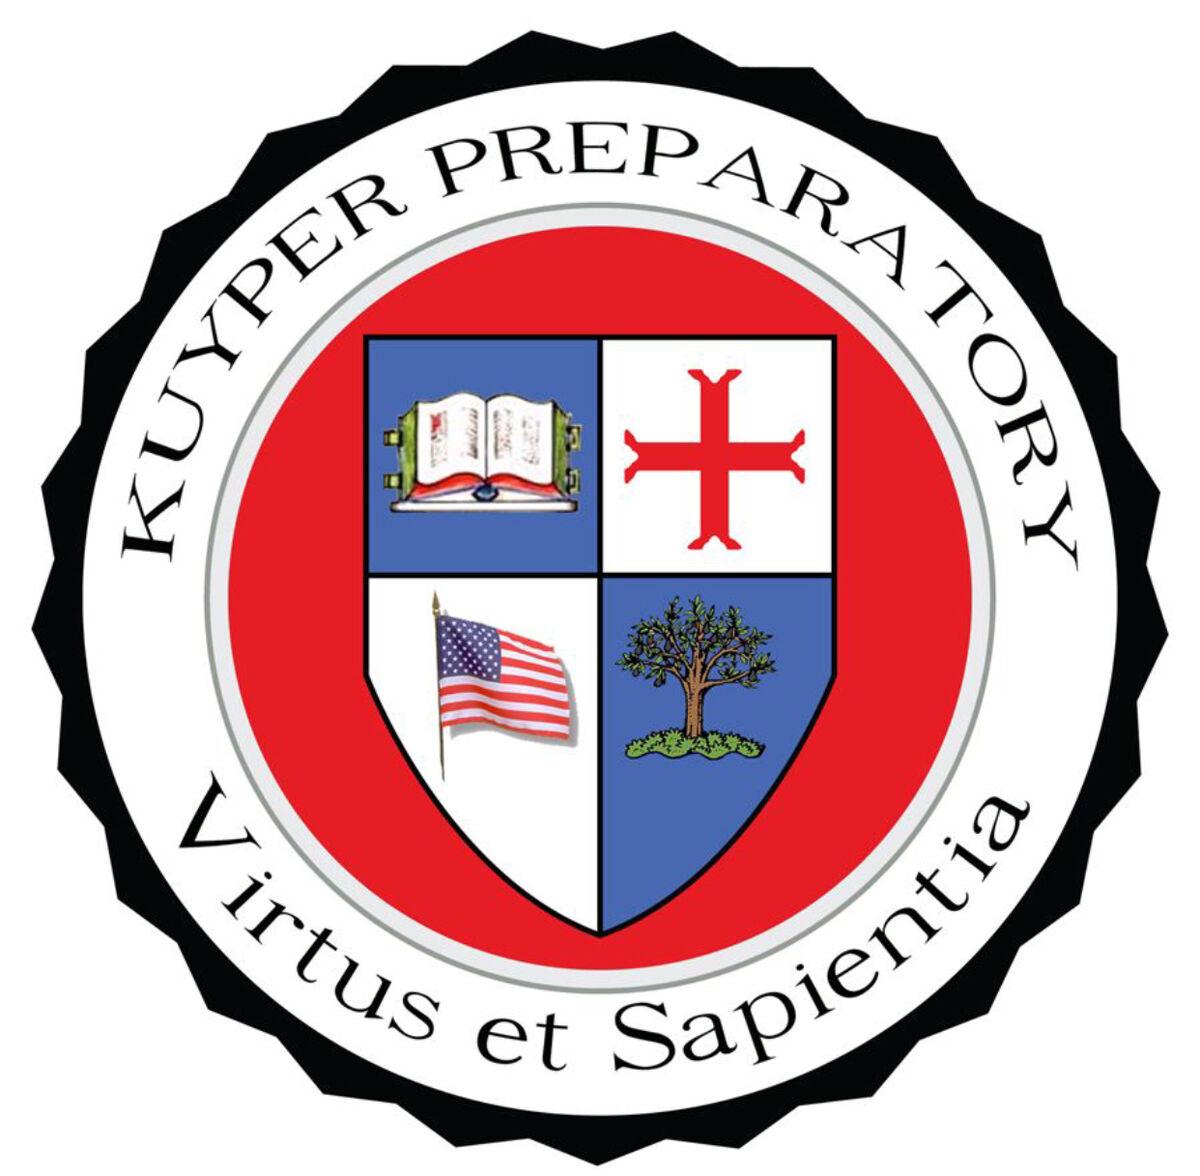 Kuyper Christian Prep School